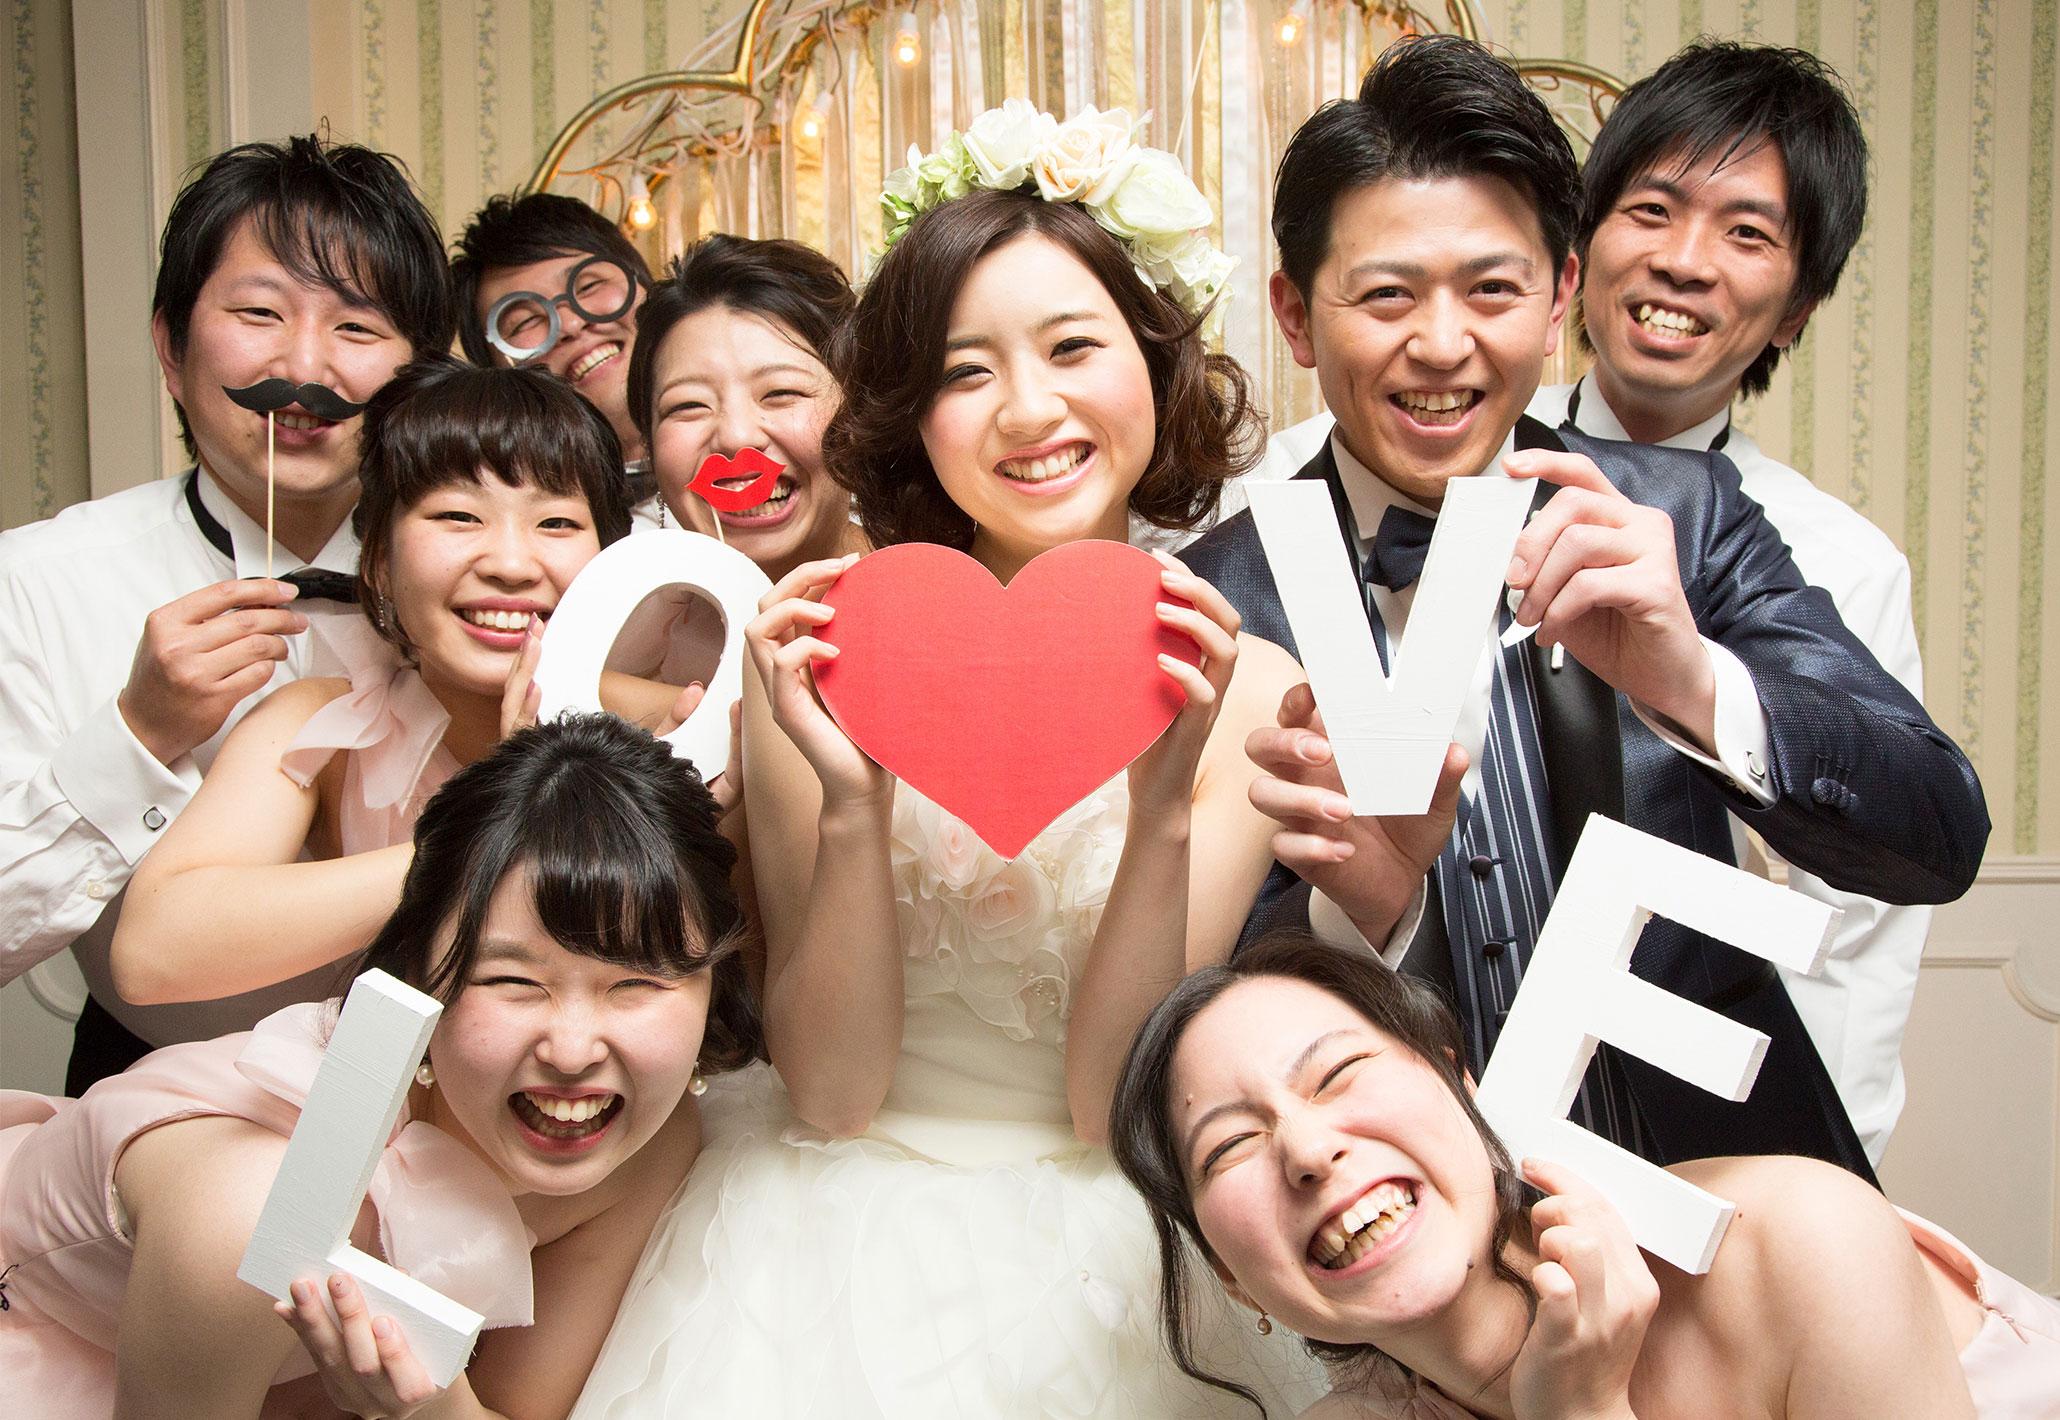 ワイワイ仲間と一緒に笑顔の一枚を撮影してみよう | 高知県高知市の結婚式場ドリーマーベイシャトー